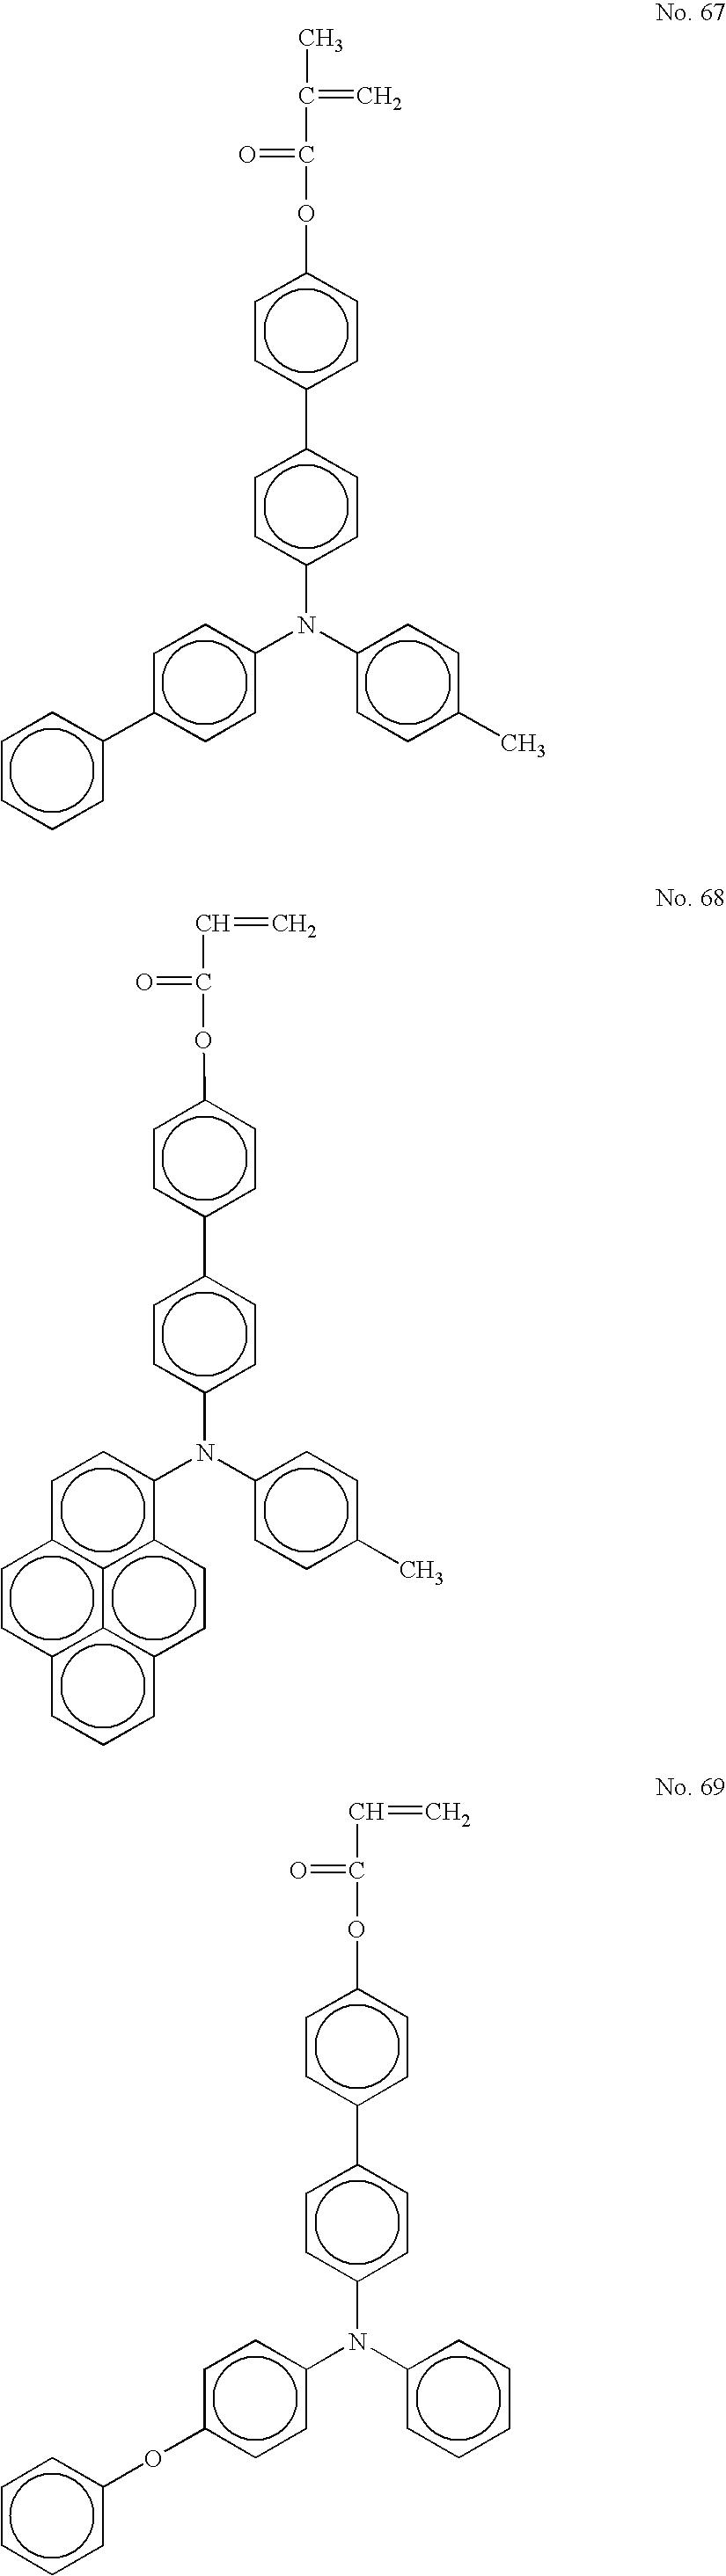 Figure US20040253527A1-20041216-C00034